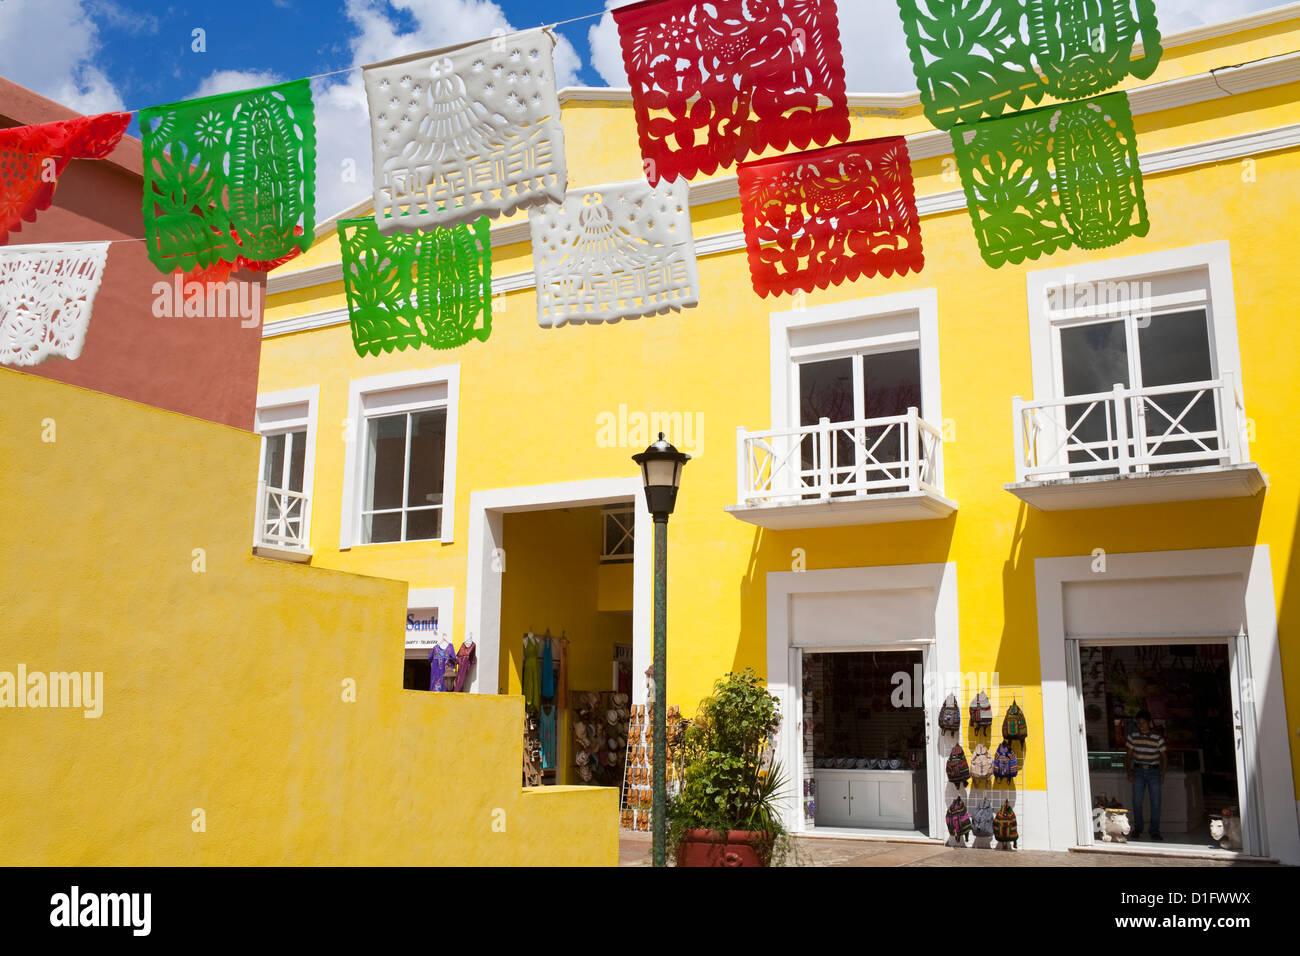 Mercado De Artesanias in Plaza del Sol, San Miguel City, Cozumel Island, Quintana Roo, Mexico, North America - Stock Image